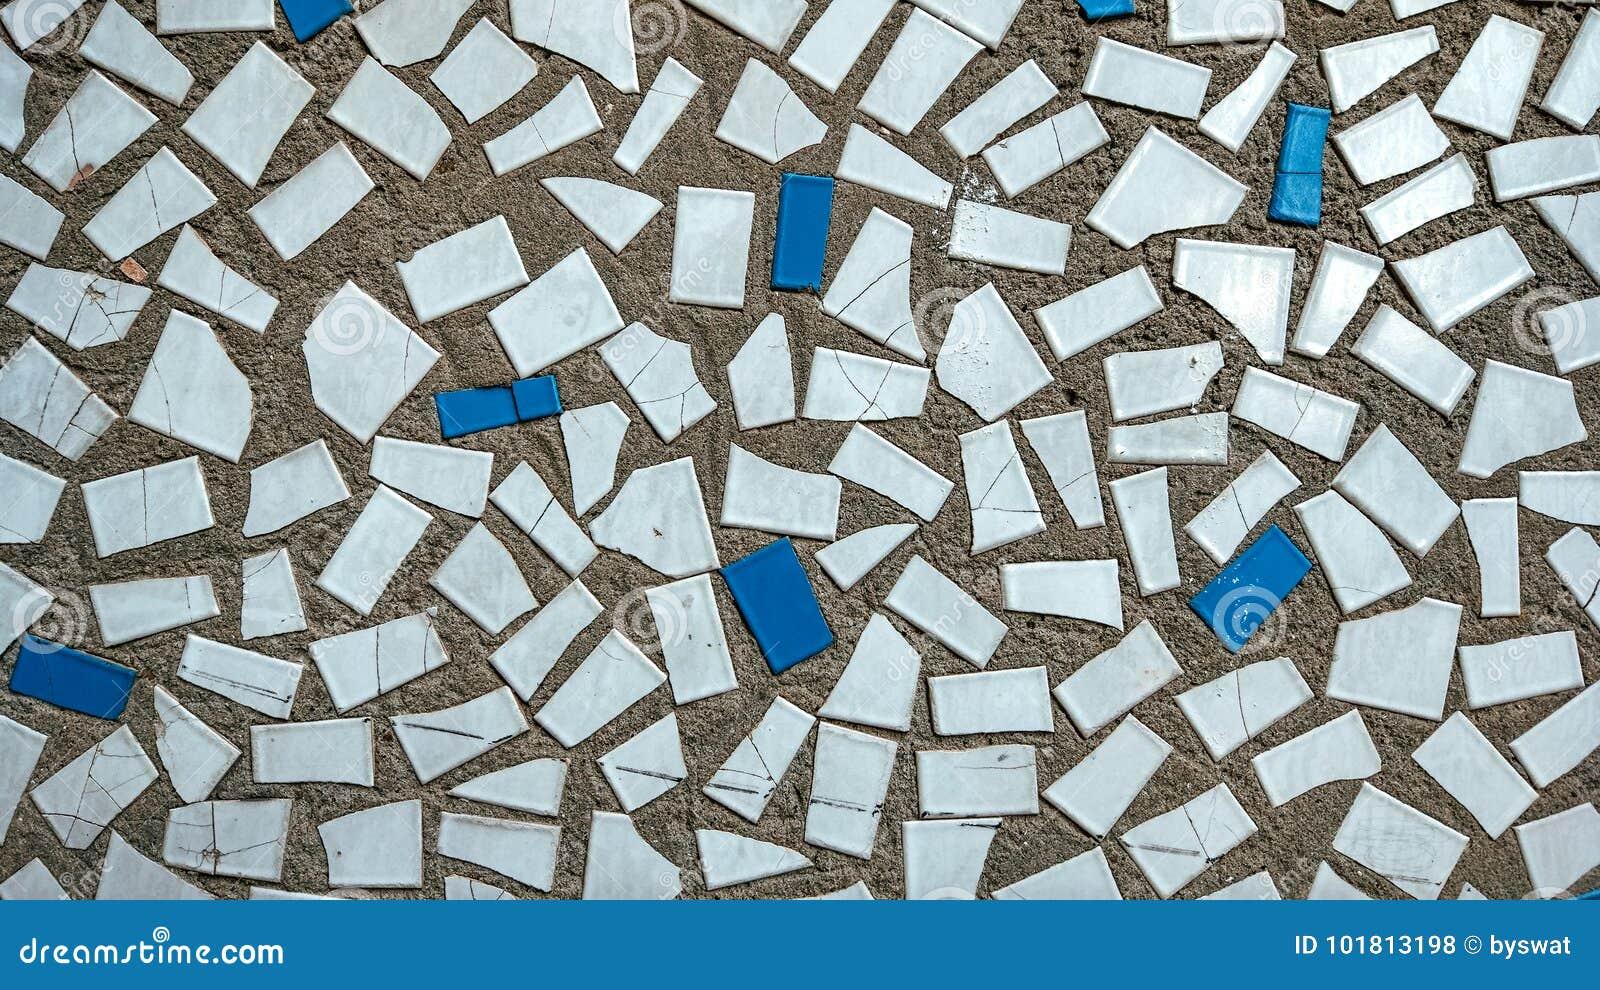 alte fliesen im beton, mosaik, gebrochene keramik im gebäude